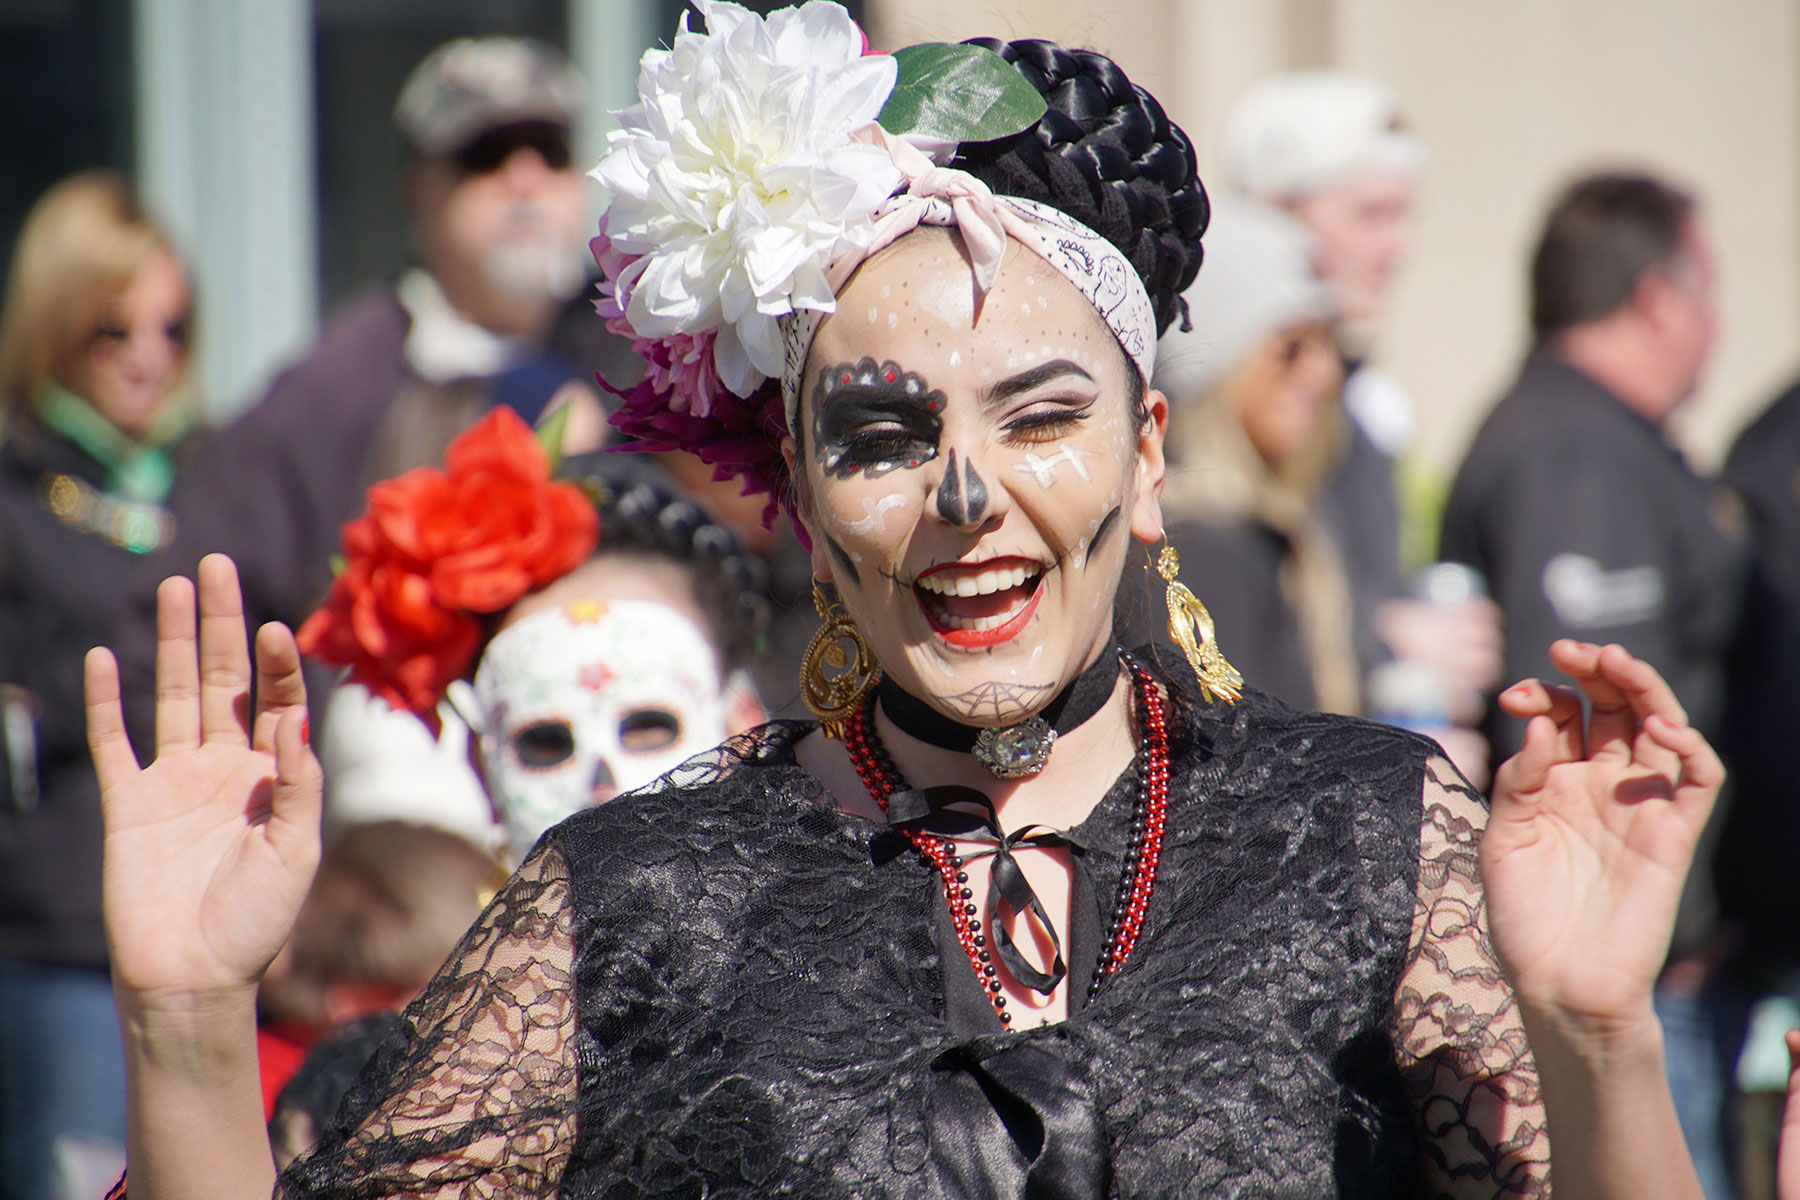 031018_stpatricksdayparade52_1997